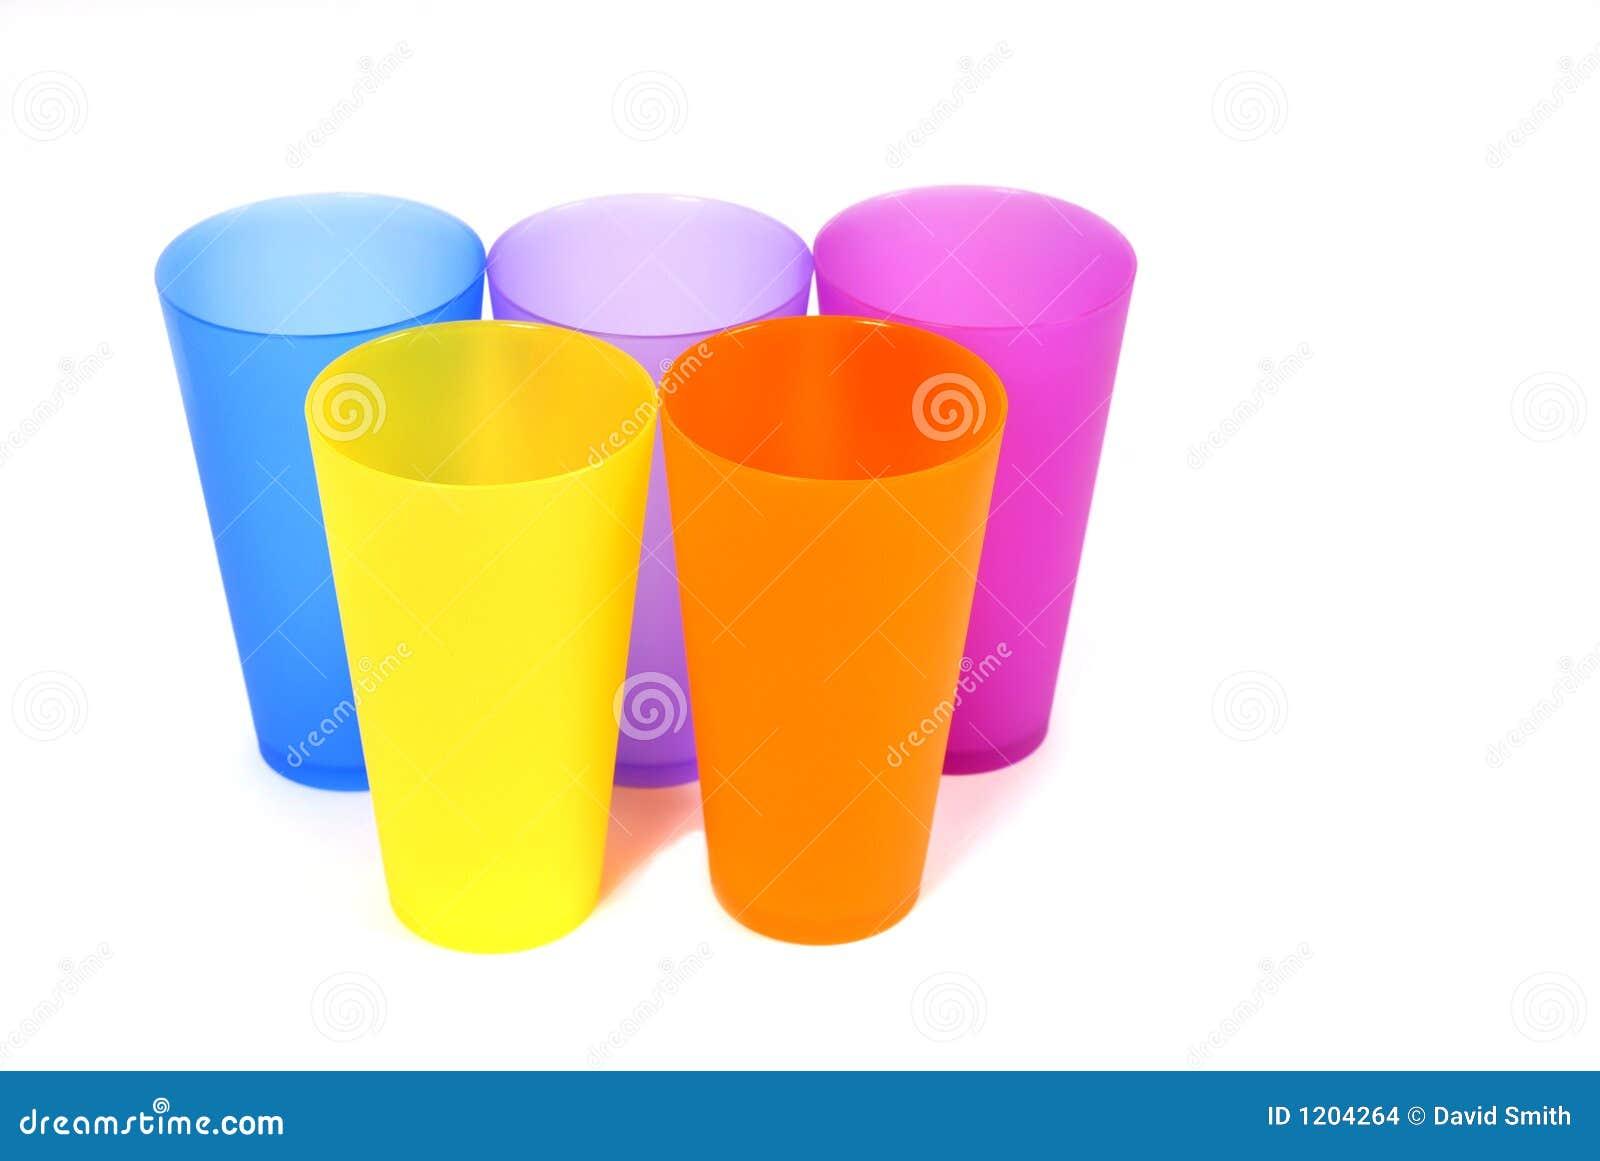 Five colorful glasses